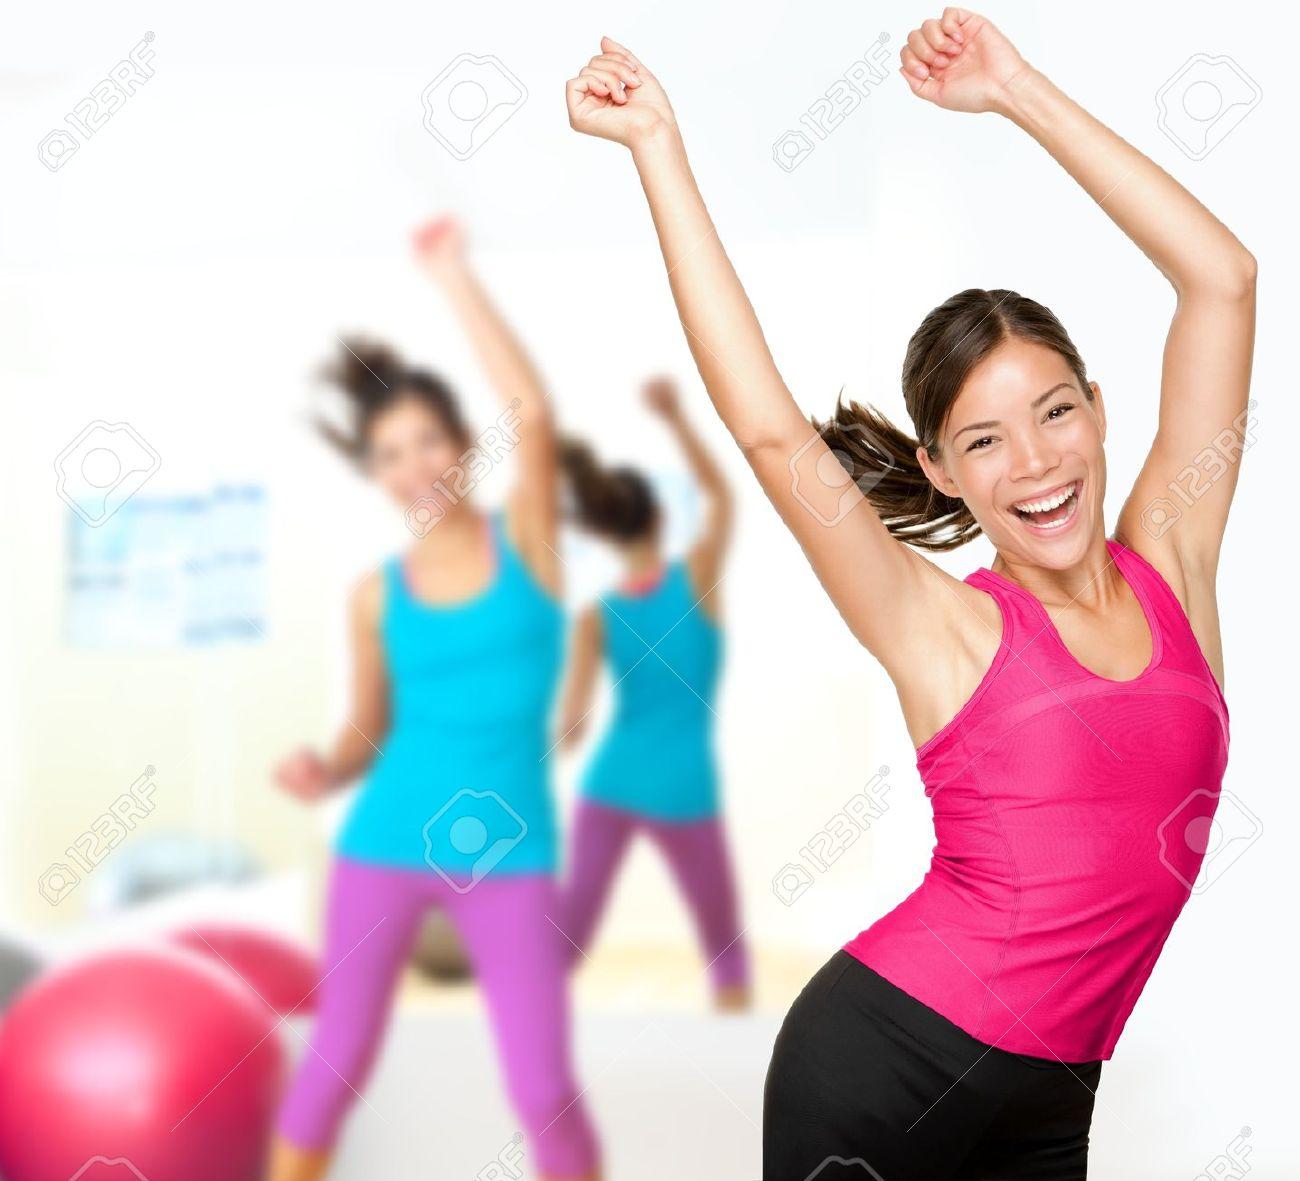 fitness dance class aerobics women dancing happy energetic in